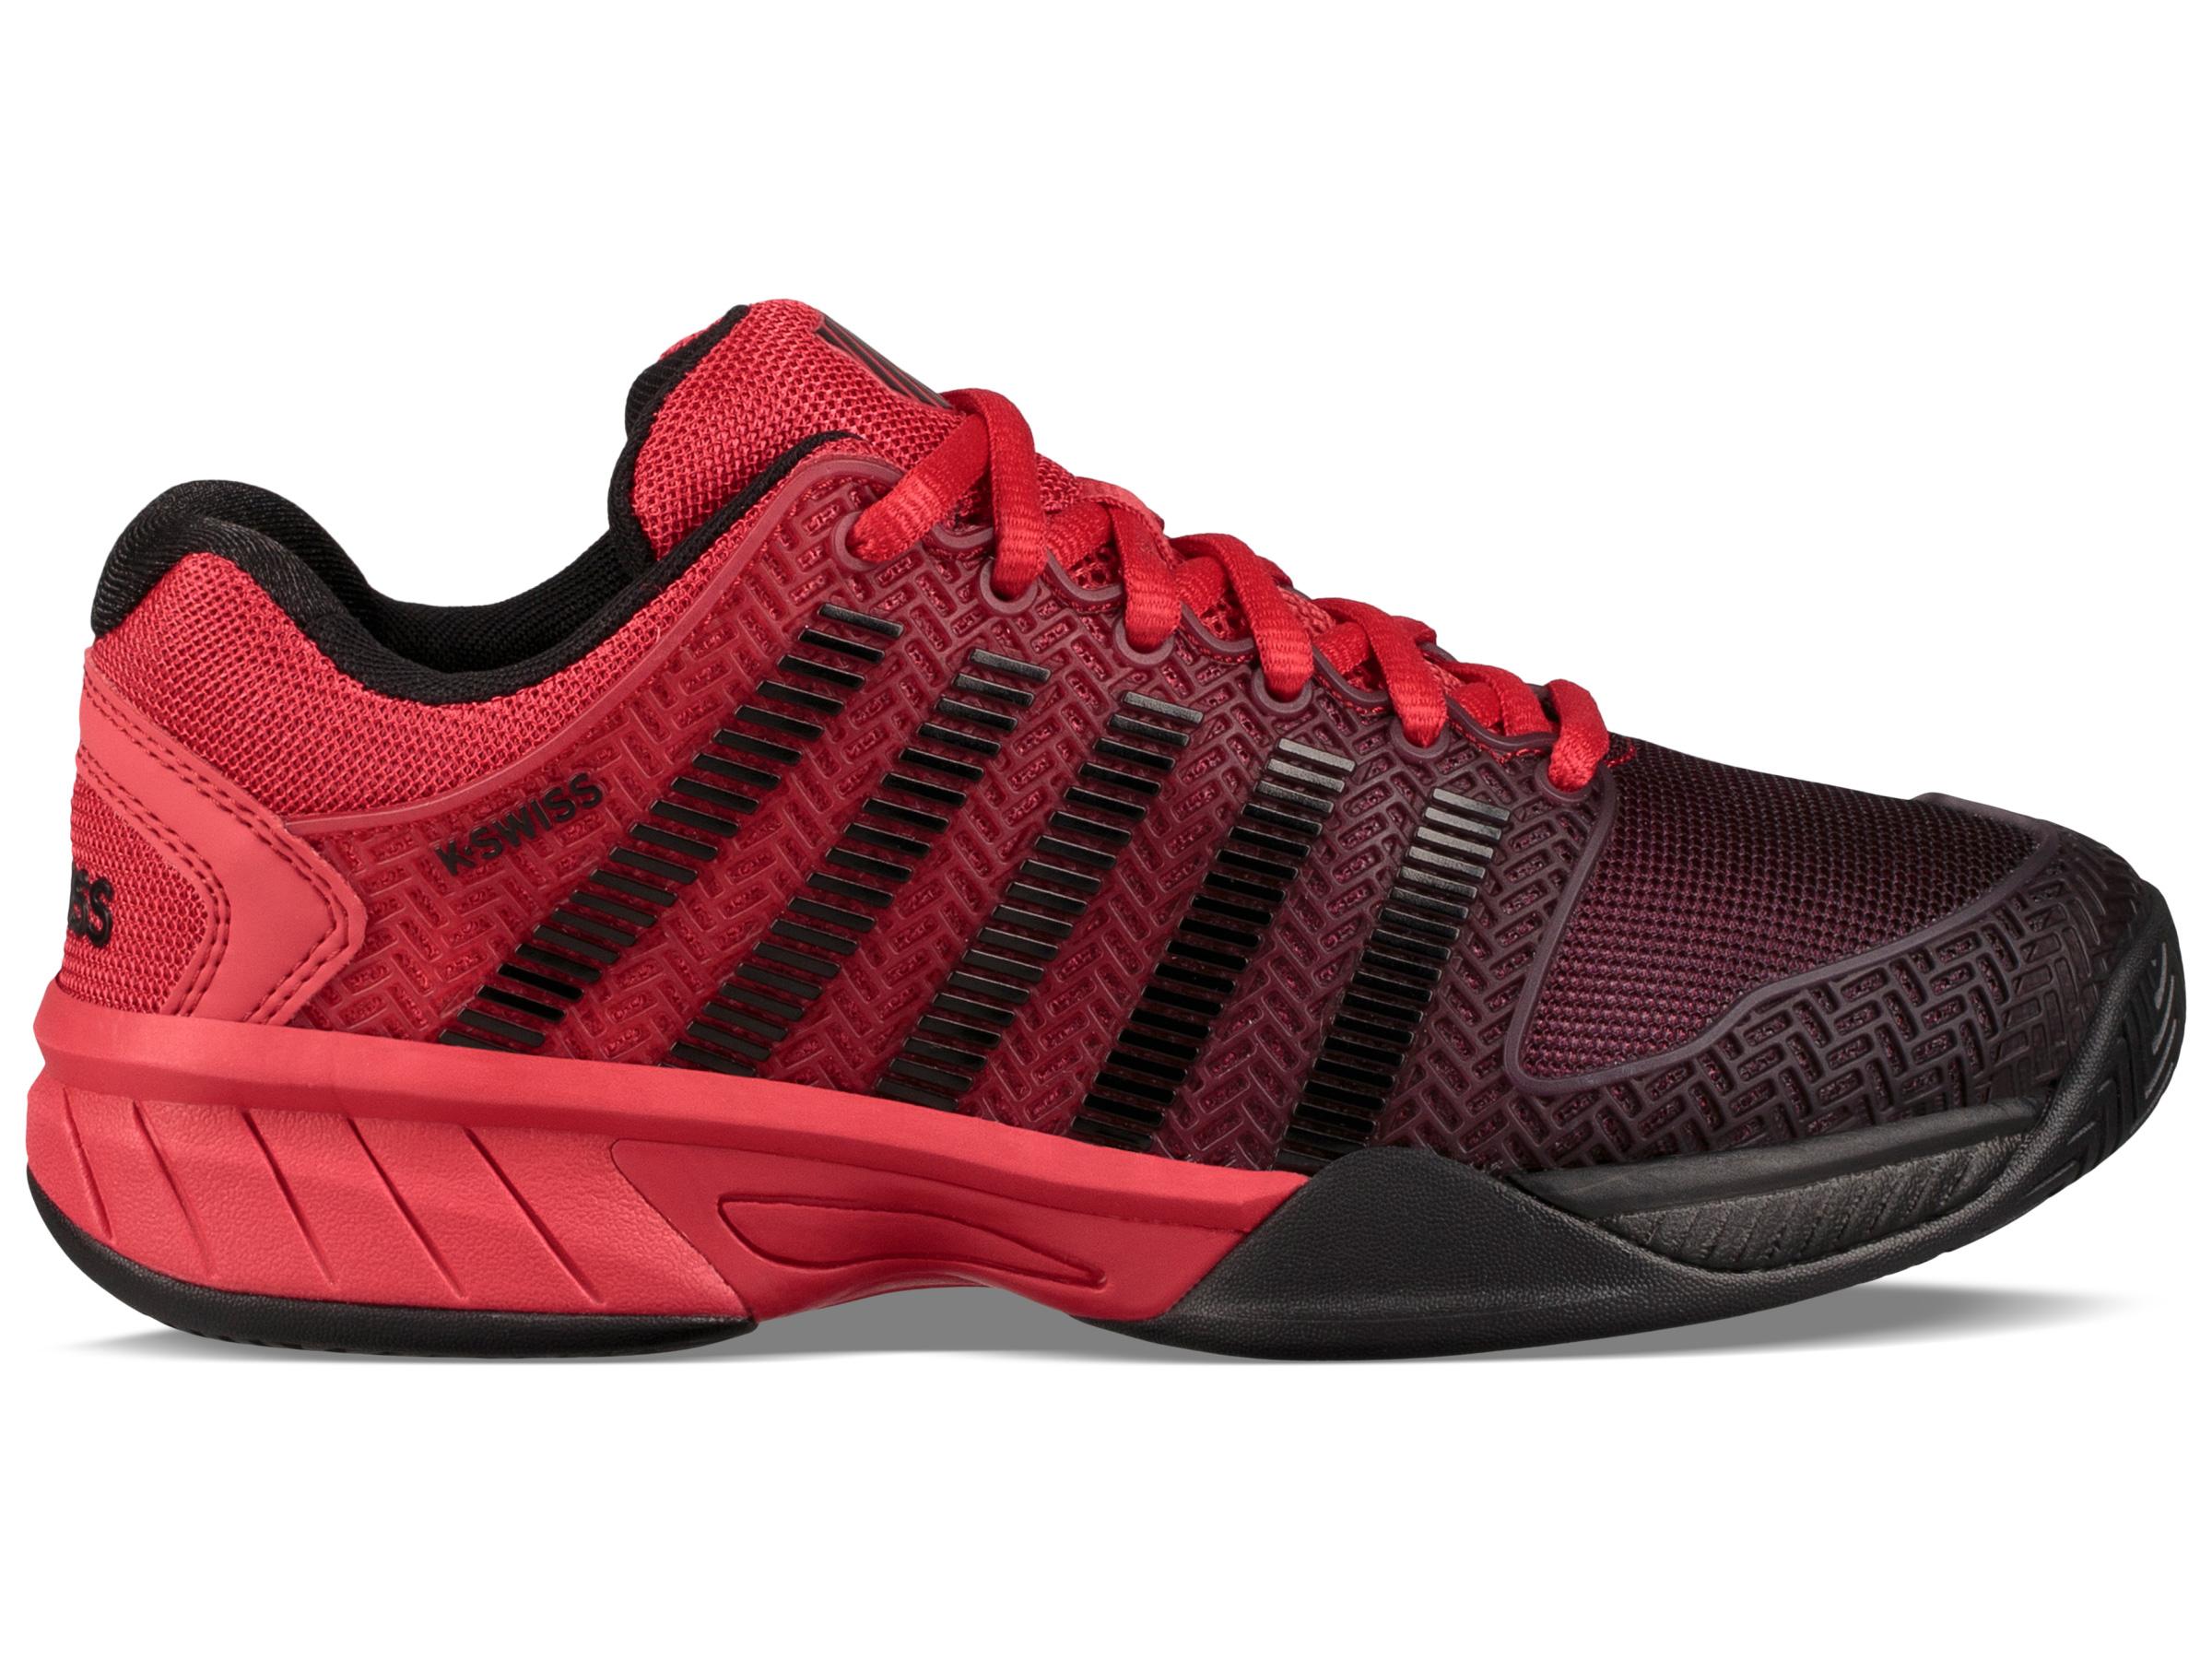 24bf7d99de635 K-Swiss Junior Hypercourt Express Tennis Shoe (Lollipop/Black) $69.95